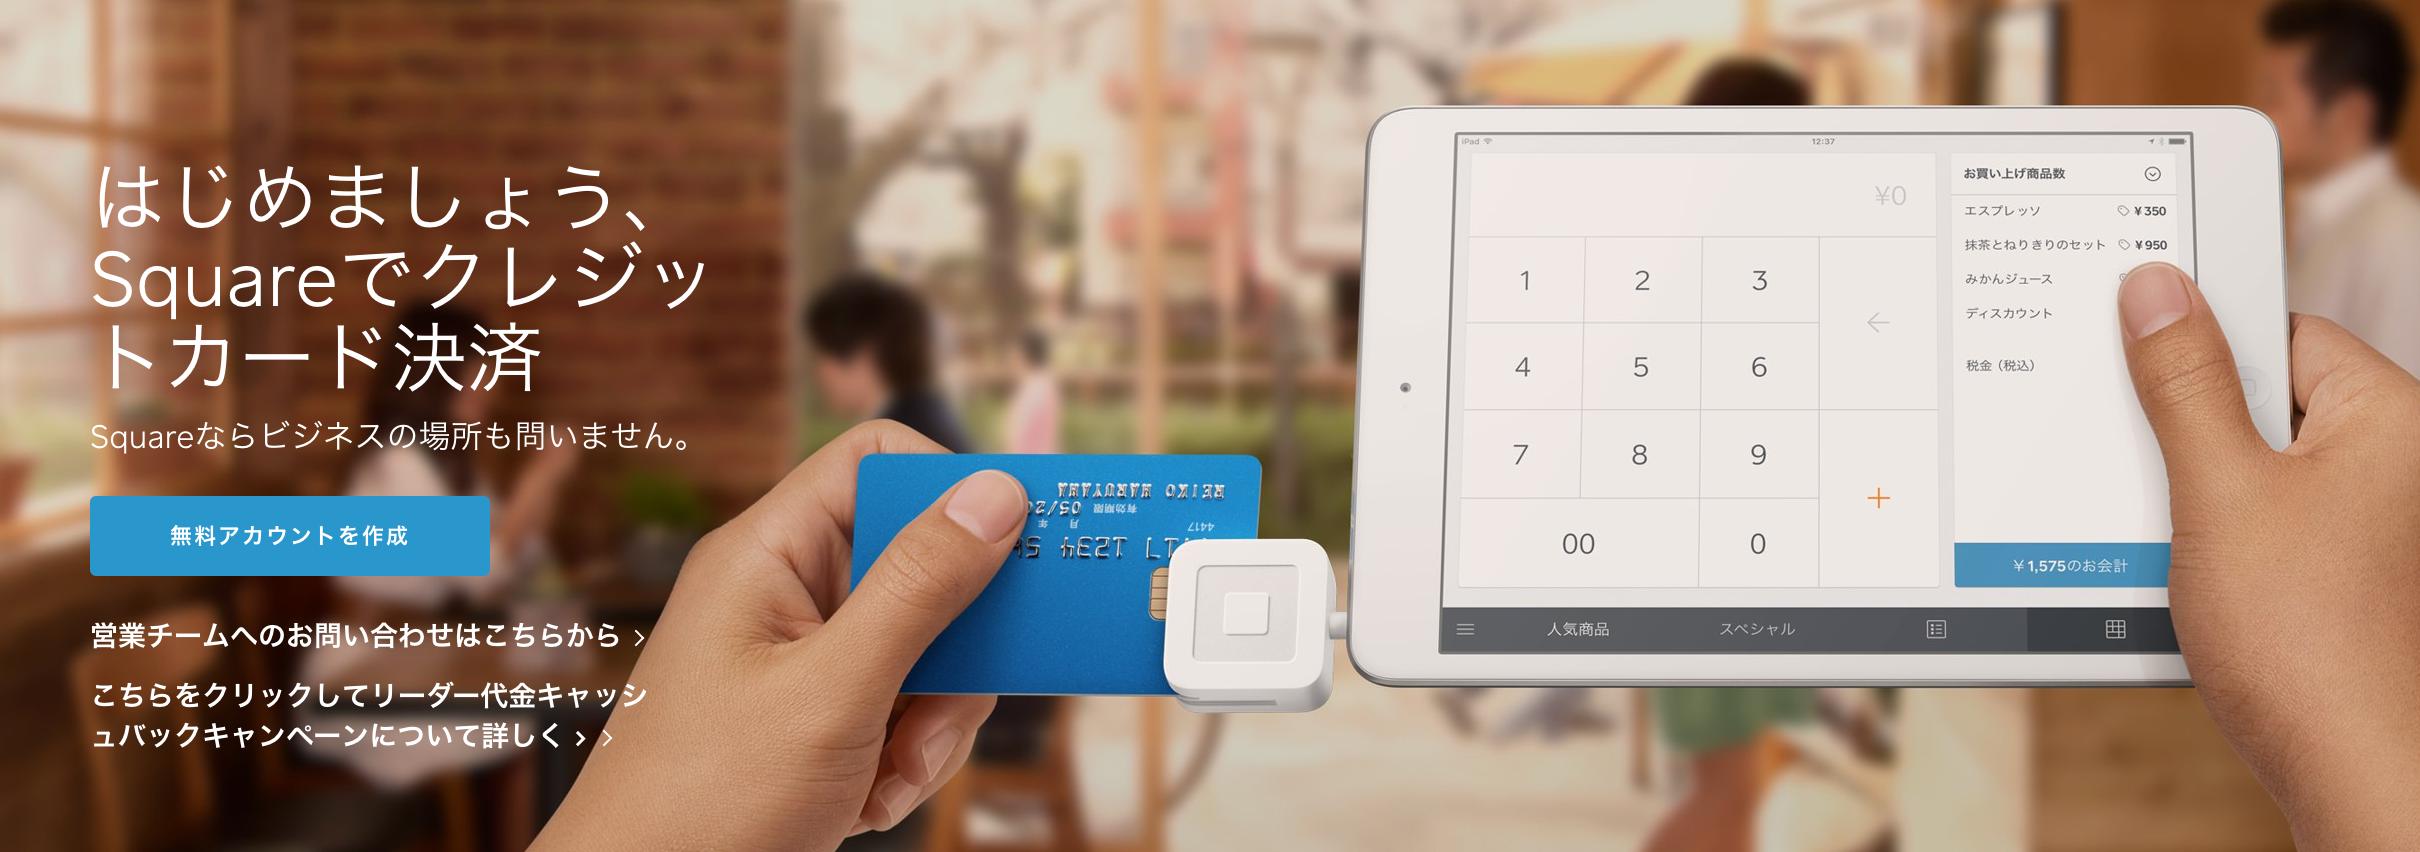 クレジットカード決済ができるSquare(スクエア)の使い方、導入方法!iPadやiPhoneをPOSレジに